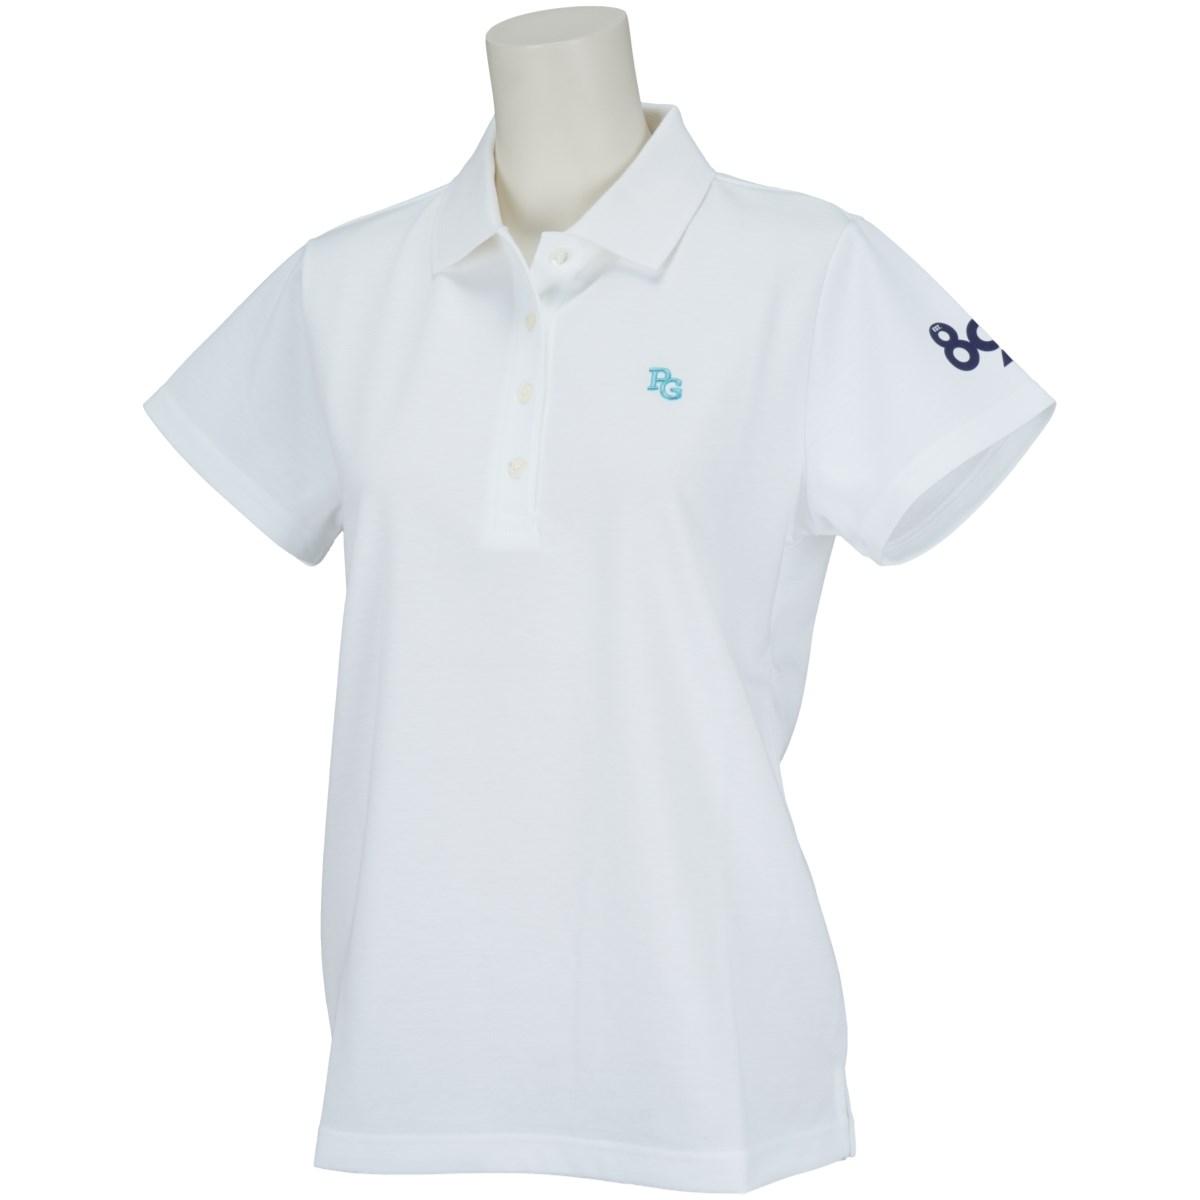 [2021年春夏モデル] パーリーゲイツ PEARLY GATES ポンチローマ半袖ポロシャツ ホワイト 030 レディース ゴルフウェア